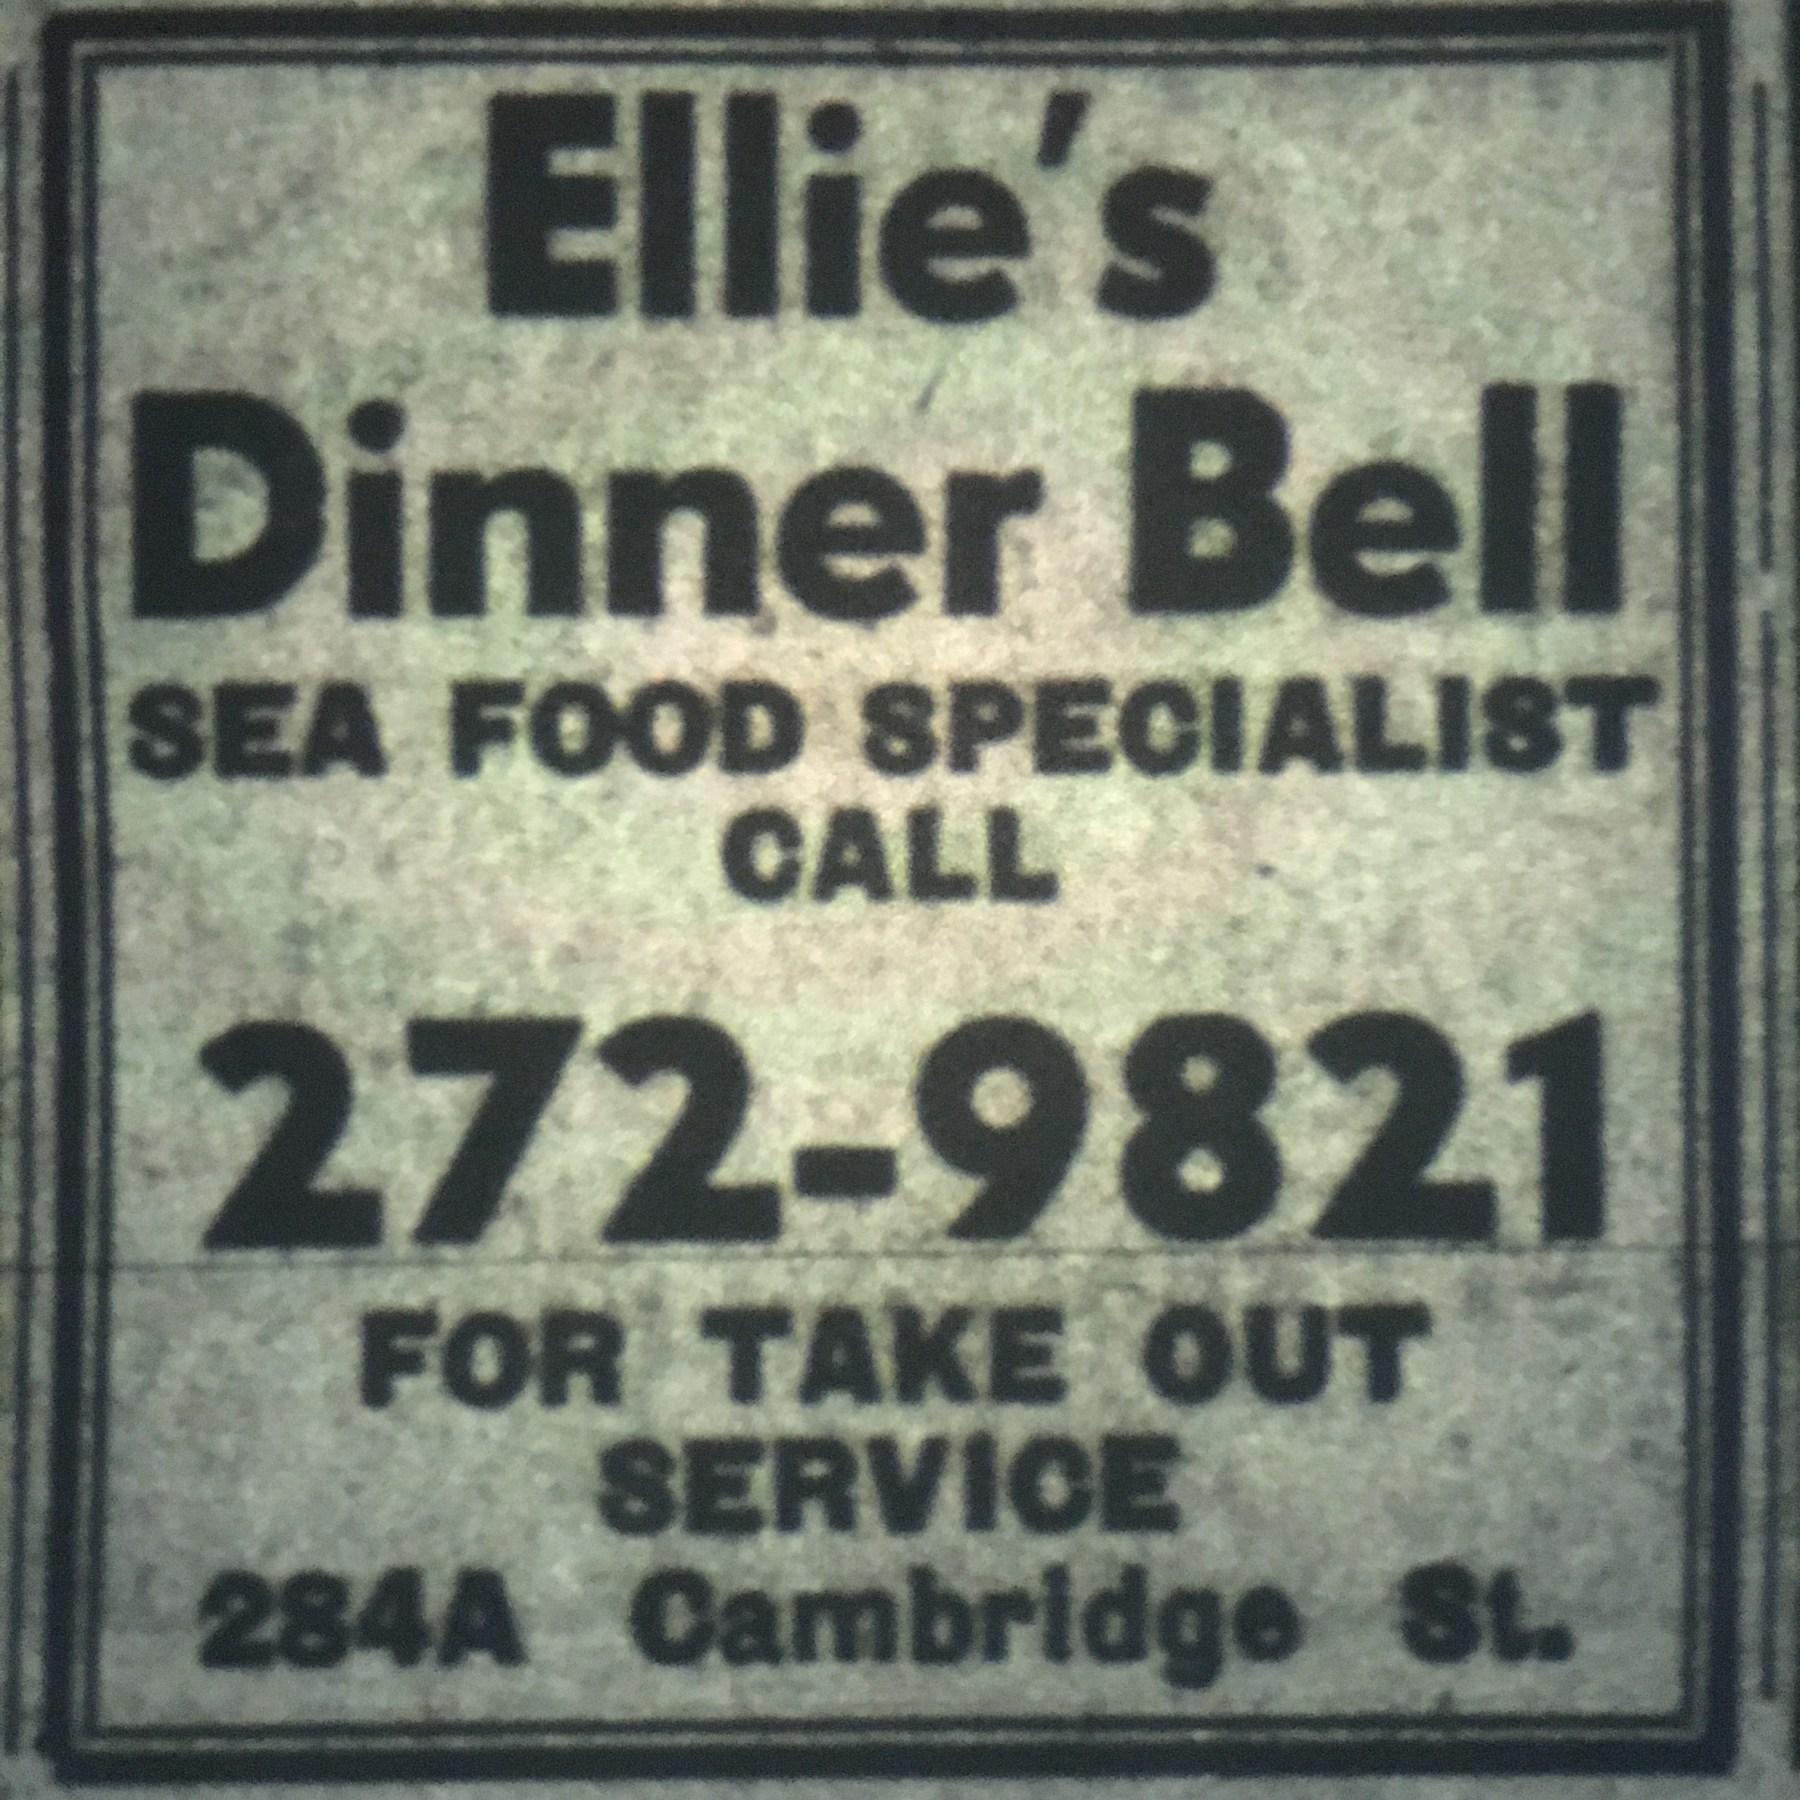 Ellie's Dinner Bell